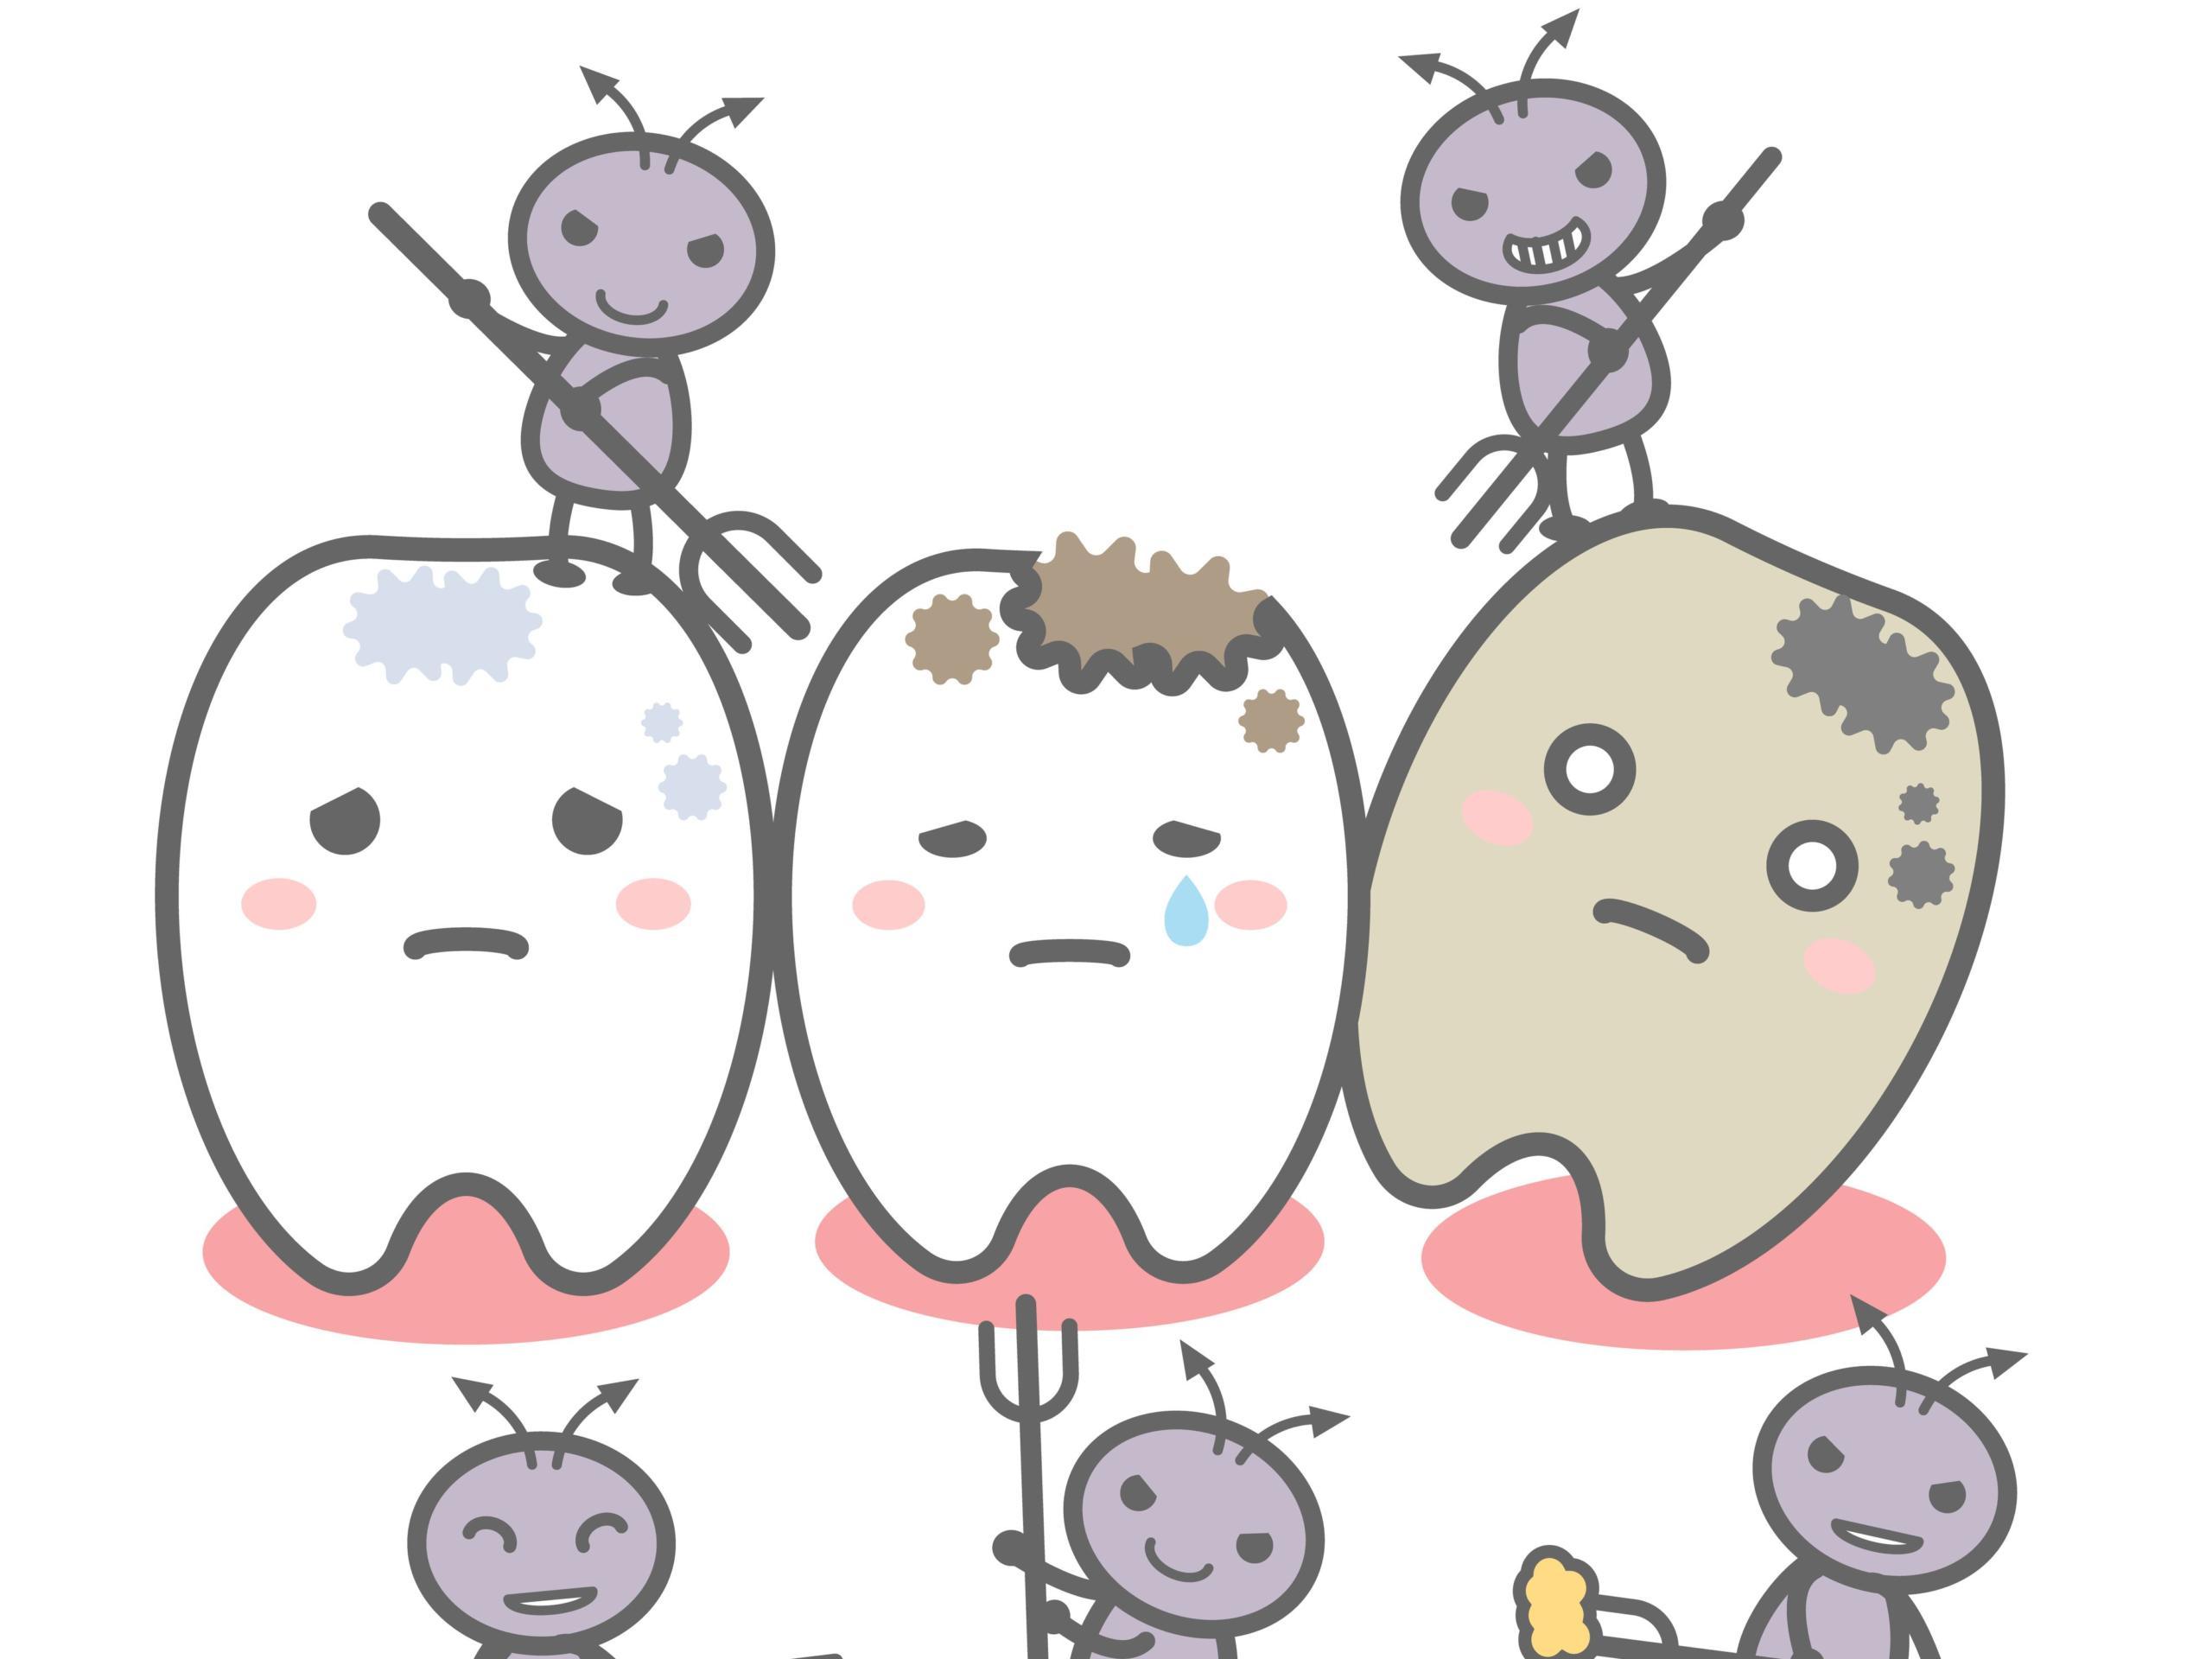 歯がしみる!虫歯と知覚過敏をセルフチェックで判断するやり方